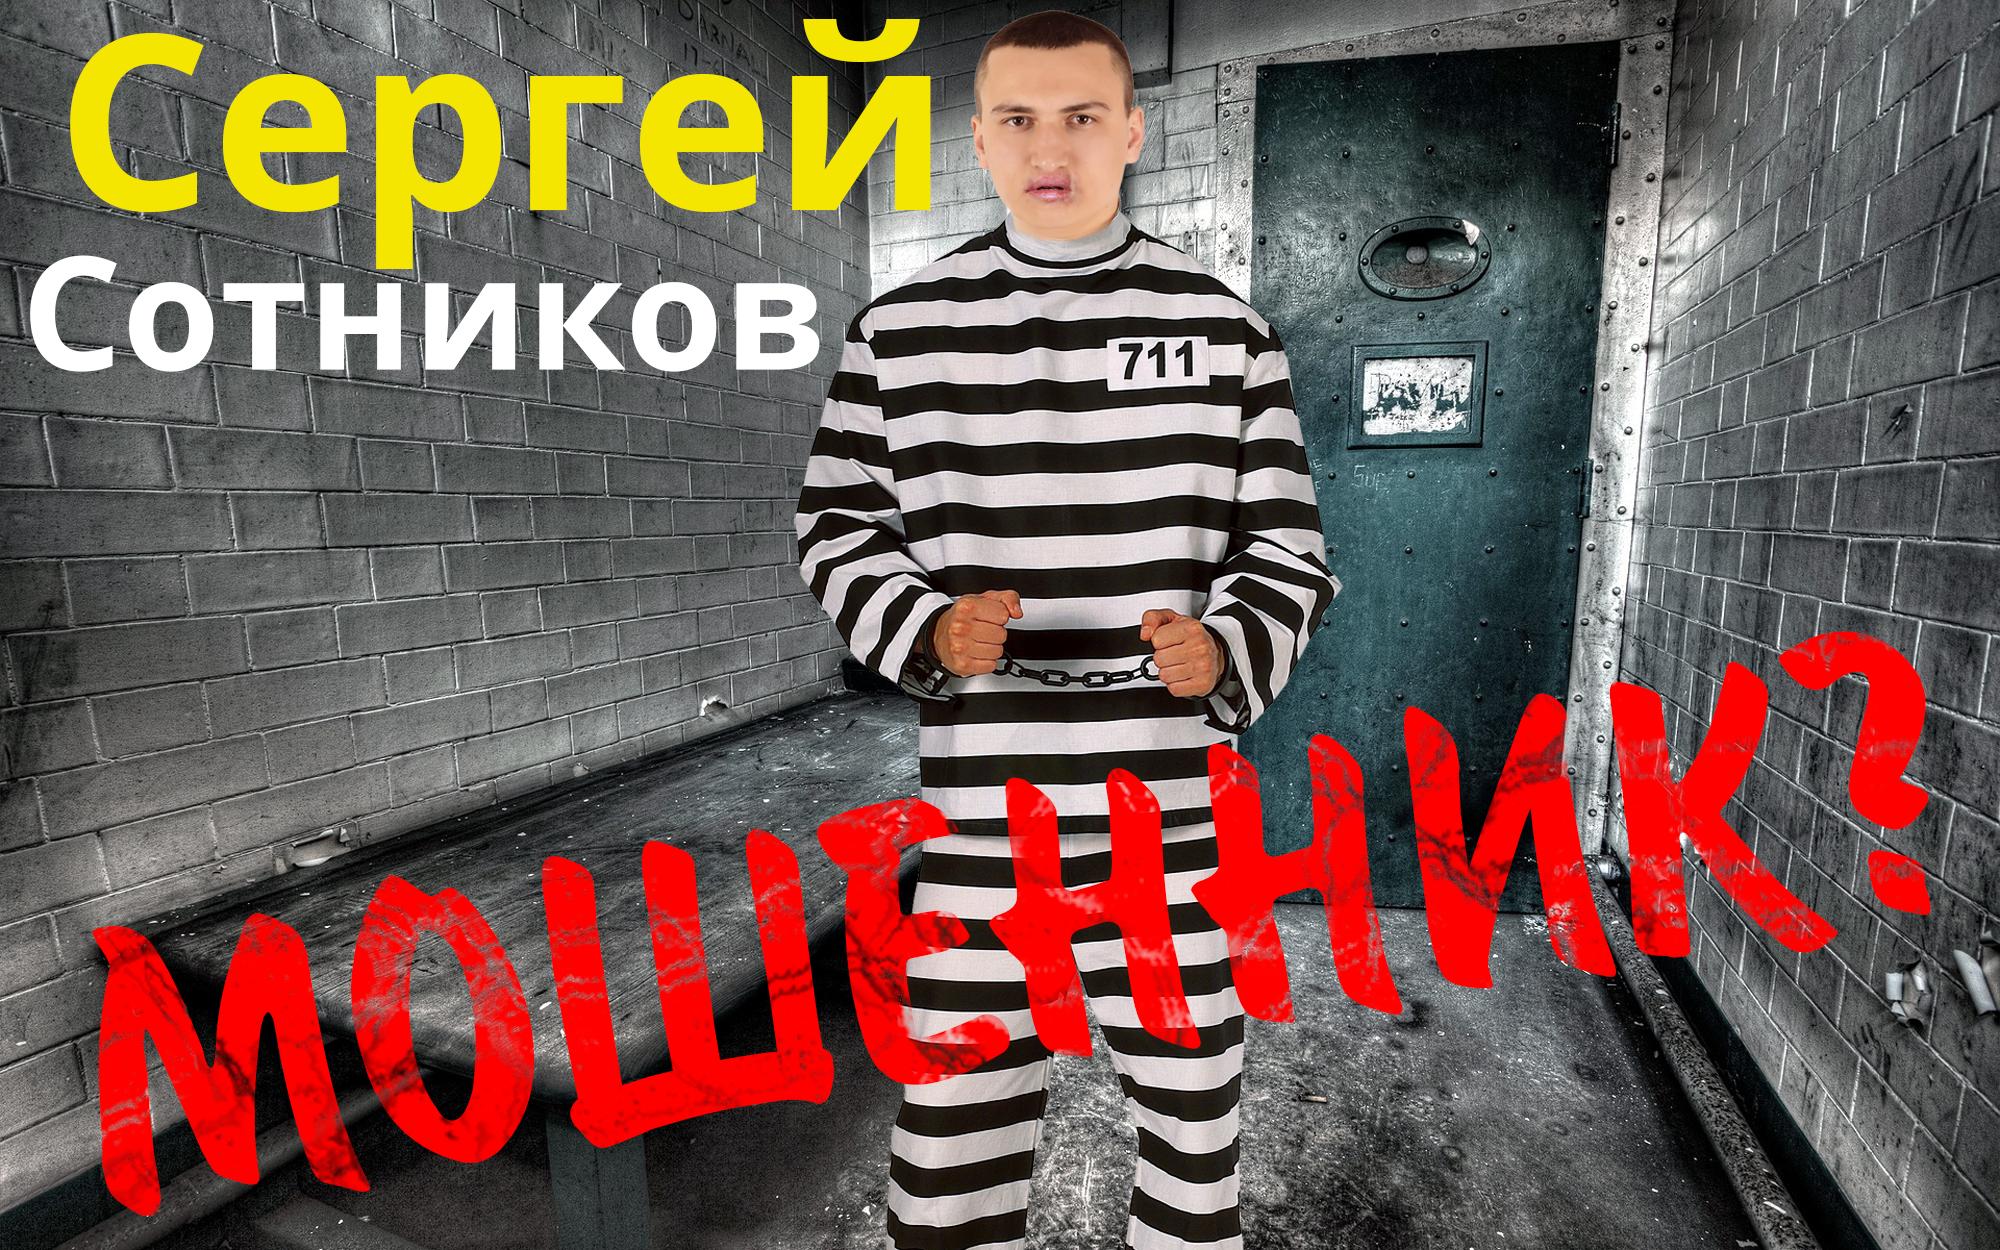 Сергей Сотников мошенник